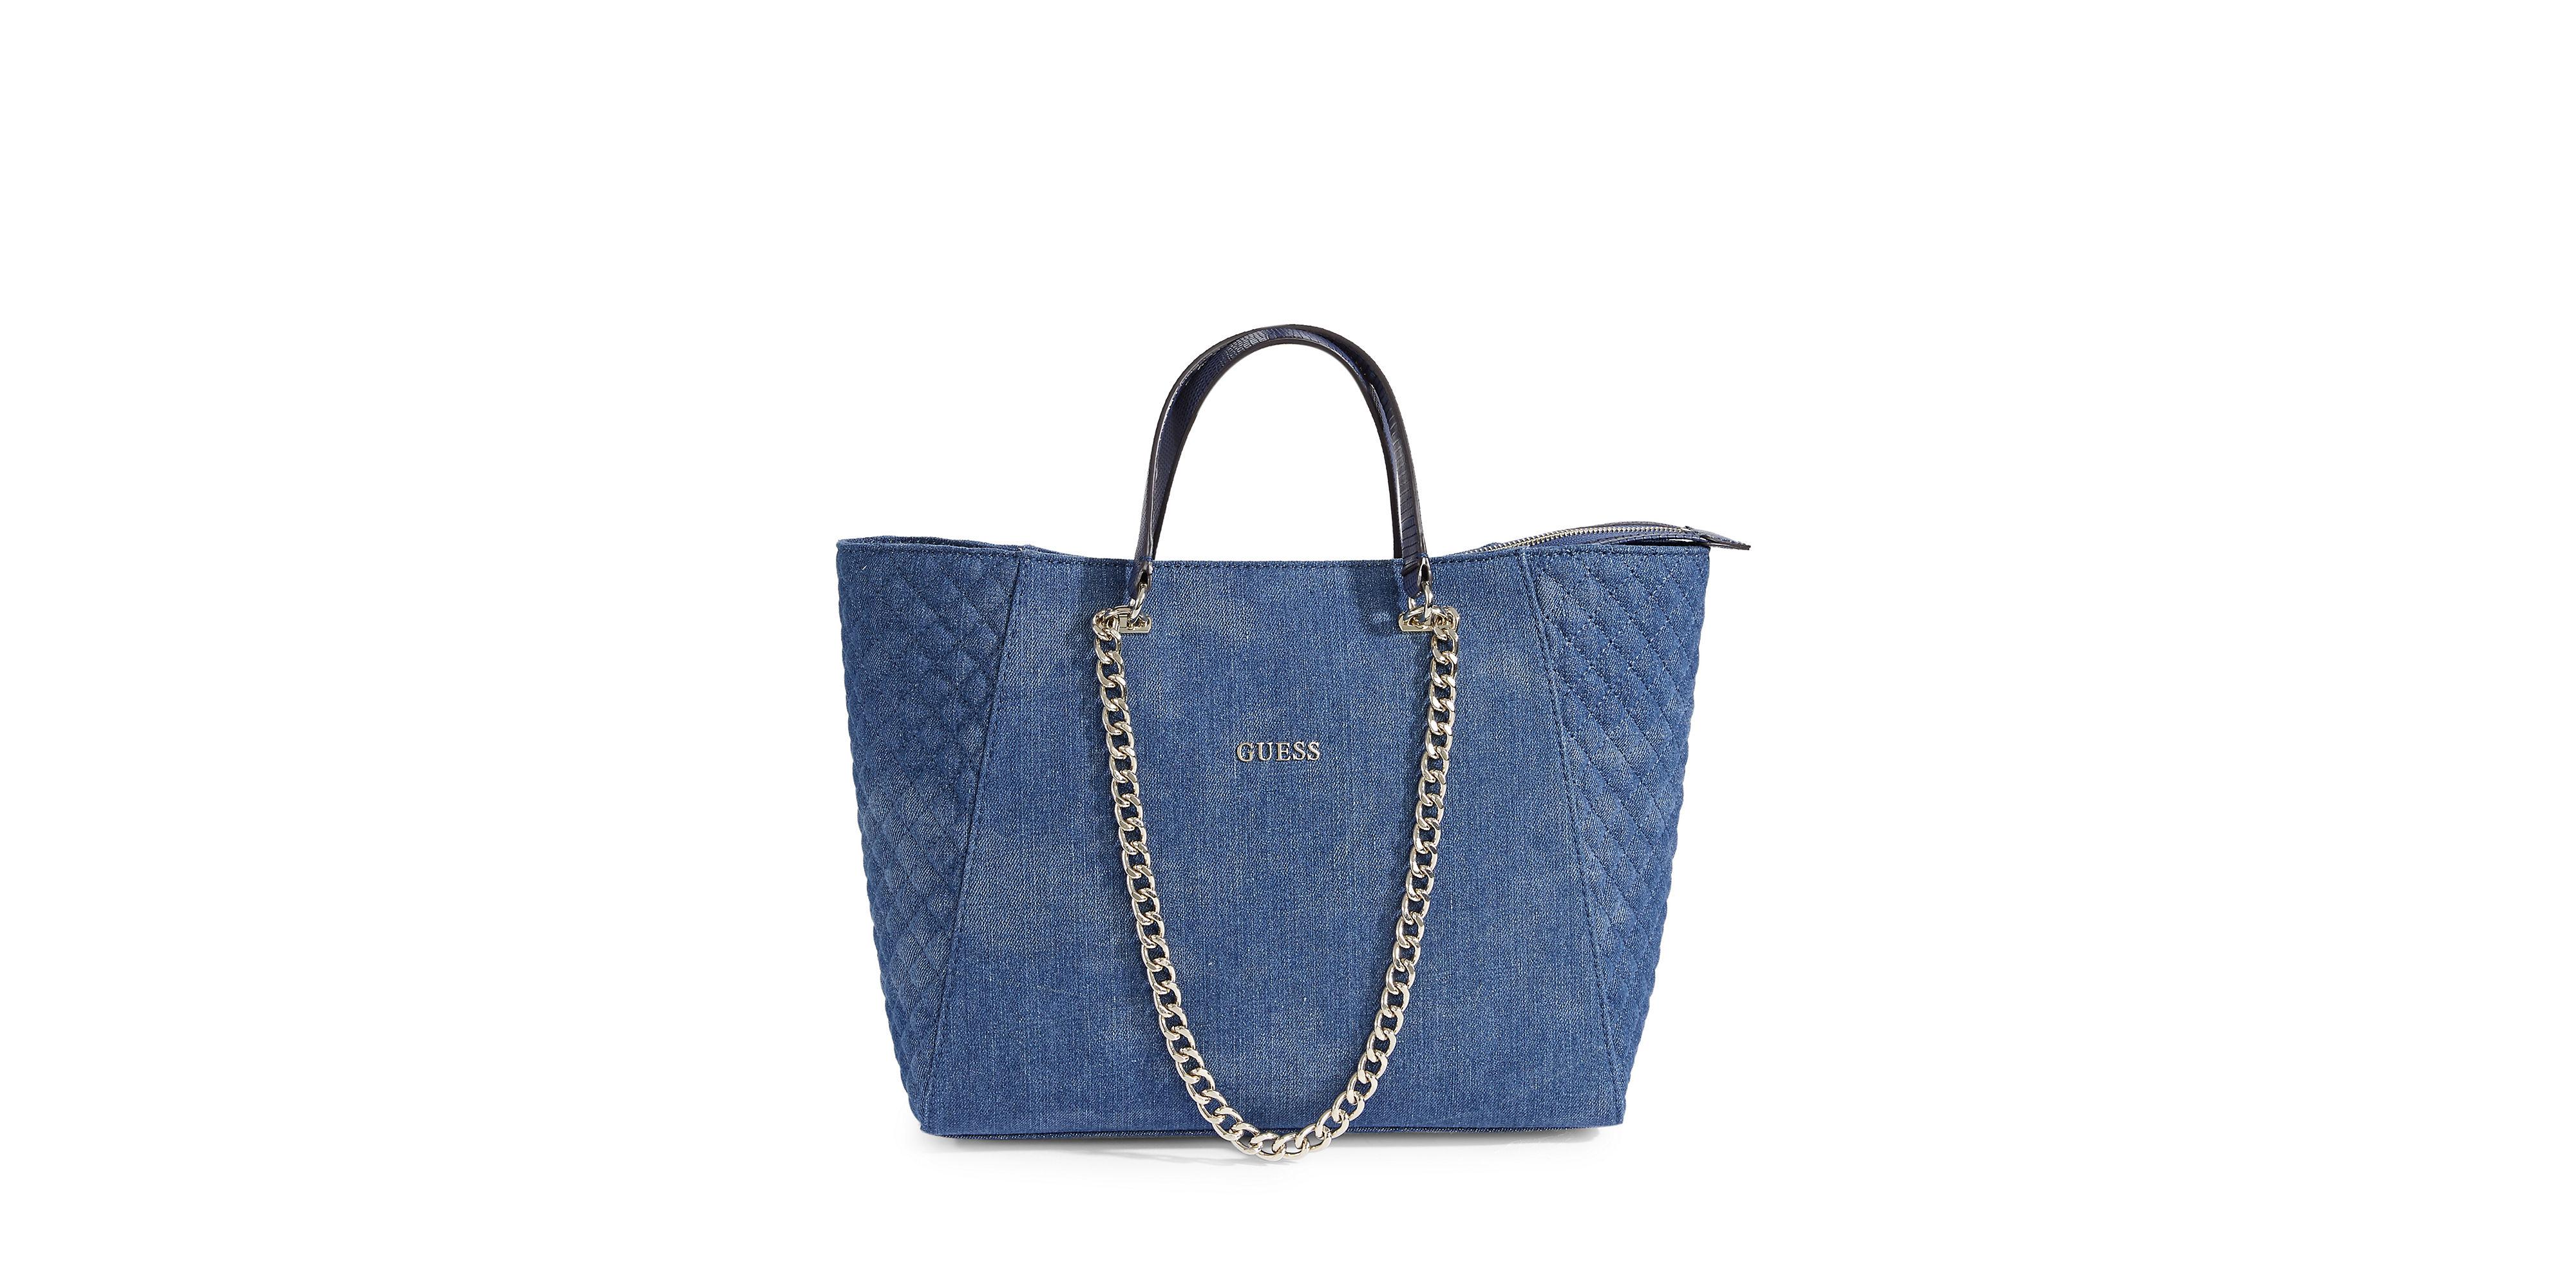 Lyst - Guess Nikki Chain Denim Tote Bag in Blue